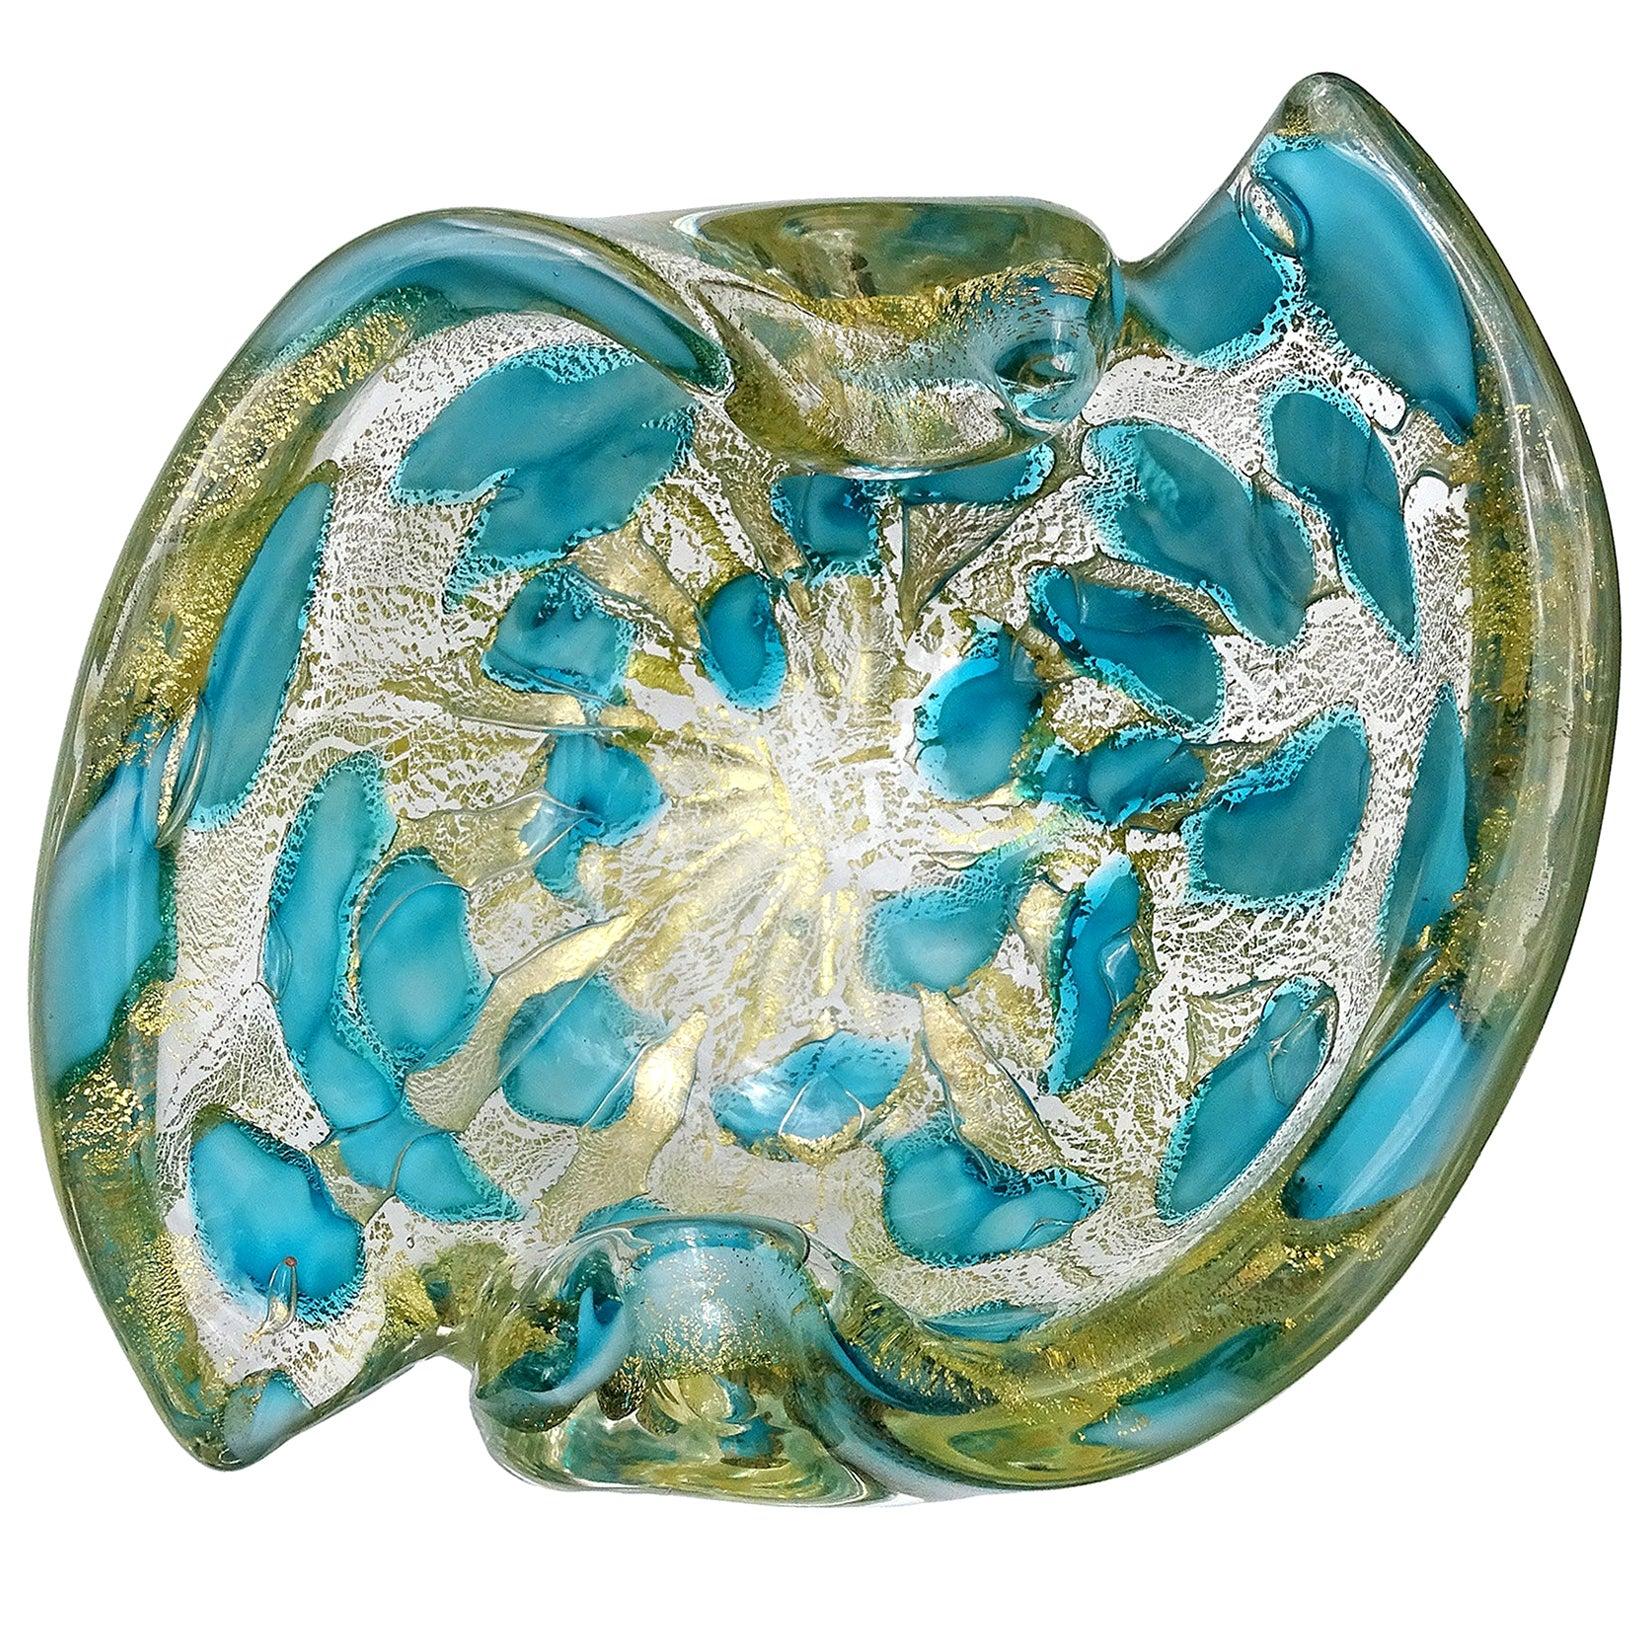 Barovier Toso Murano Gold Flecks Blue Spots Italian Art Glass Bowl Ashtray Dish